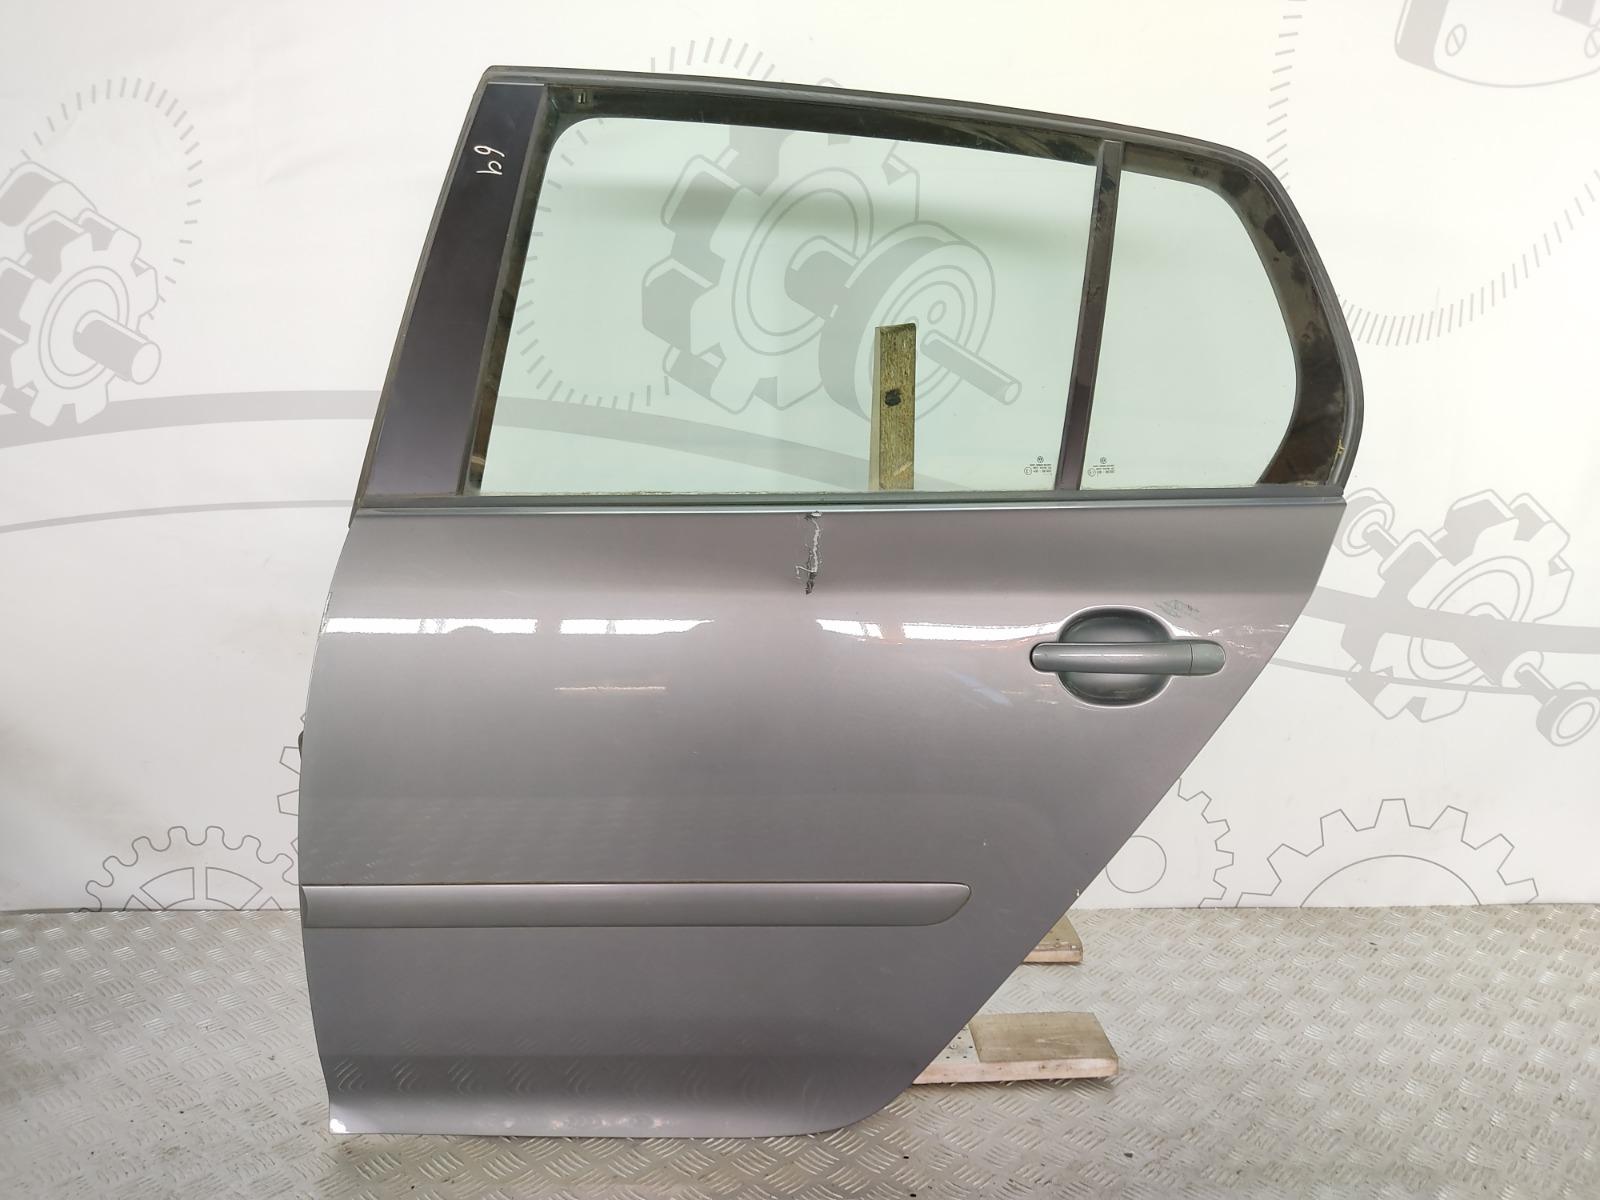 Дверь задняя левая Volkswagen Golf 5 2.0 TDI 2005 (б/у)